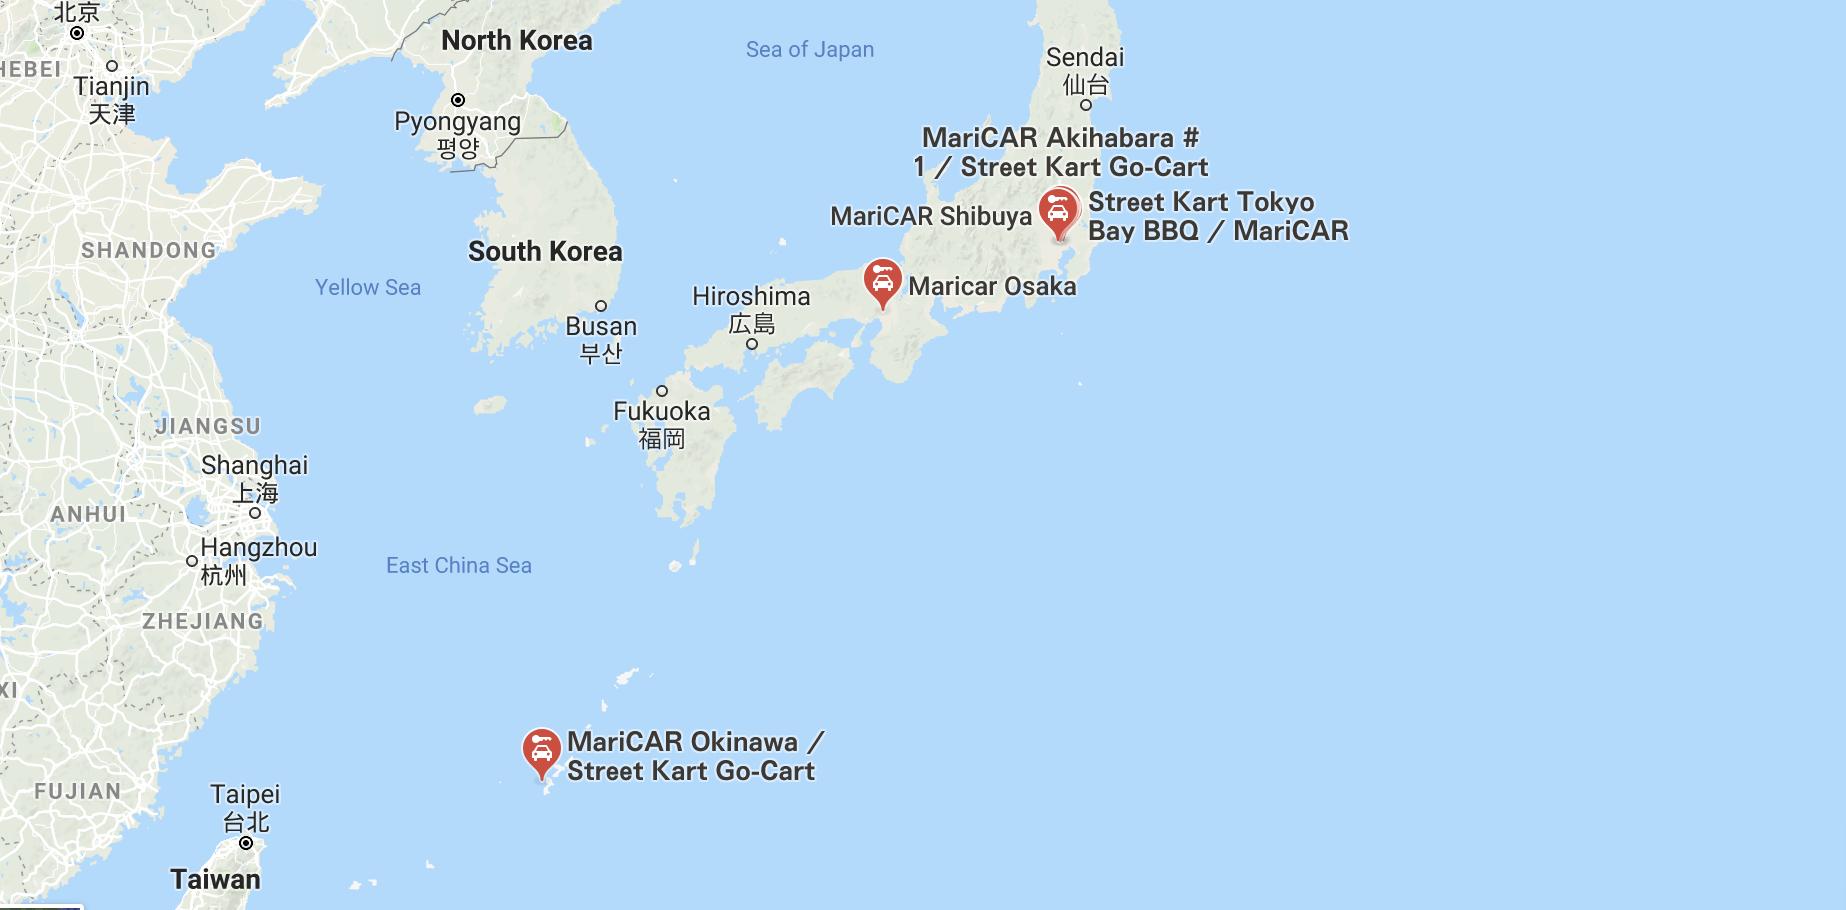 Tokyo MariCAR Locations - Packs Light